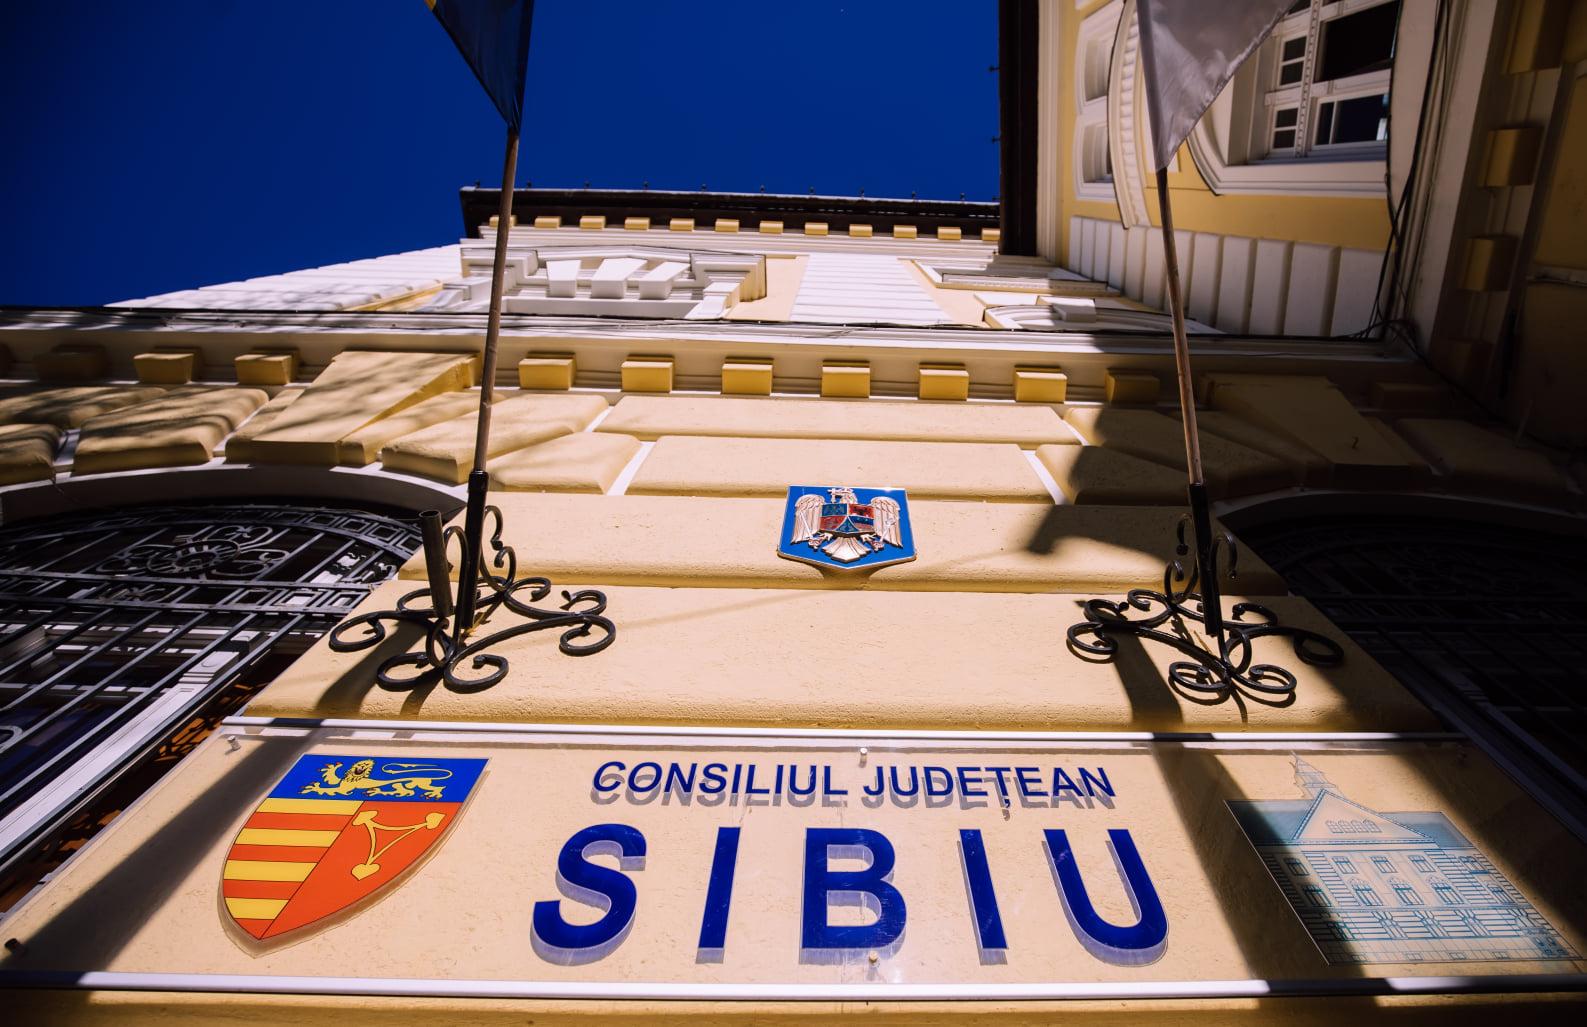 Protocol de colaborare între Consiliul Județean Sibiu și Agenția Națională pentru Achiziții Publice în vederea înființării Unității de Achiziții Publice Centralizate la nivel local